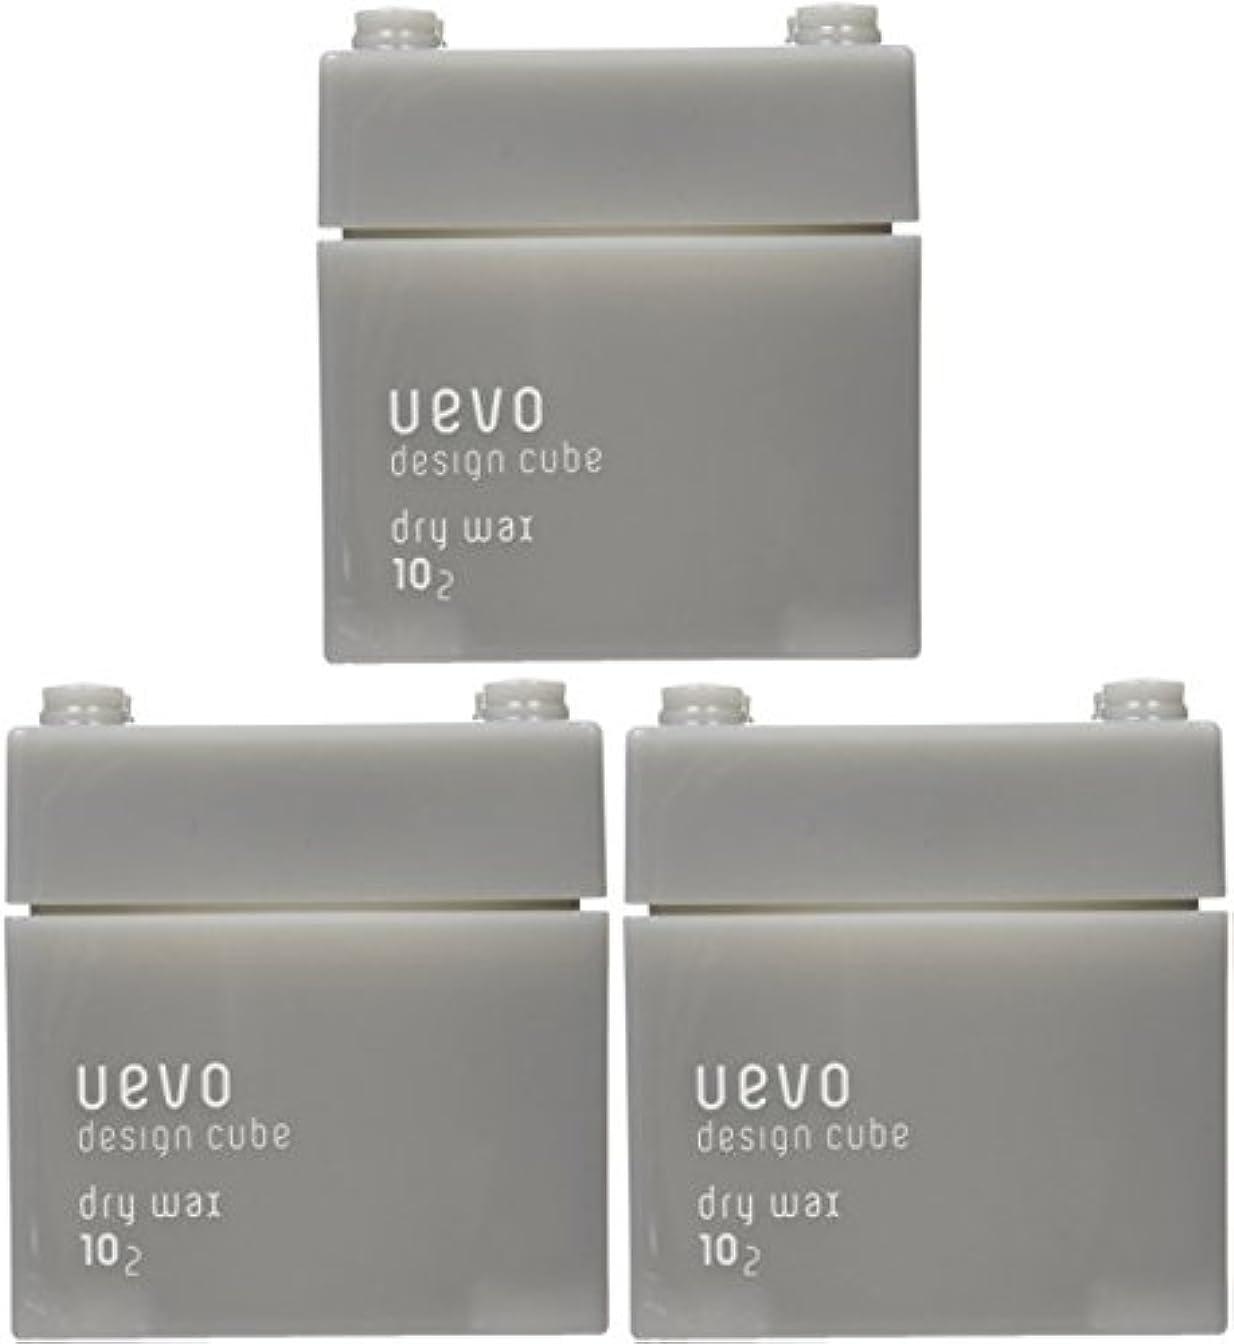 緑持ってる髄【X3個セット】 デミ ウェーボ デザインキューブ ドライワックス 80g dry wax DEMI uevo design cube